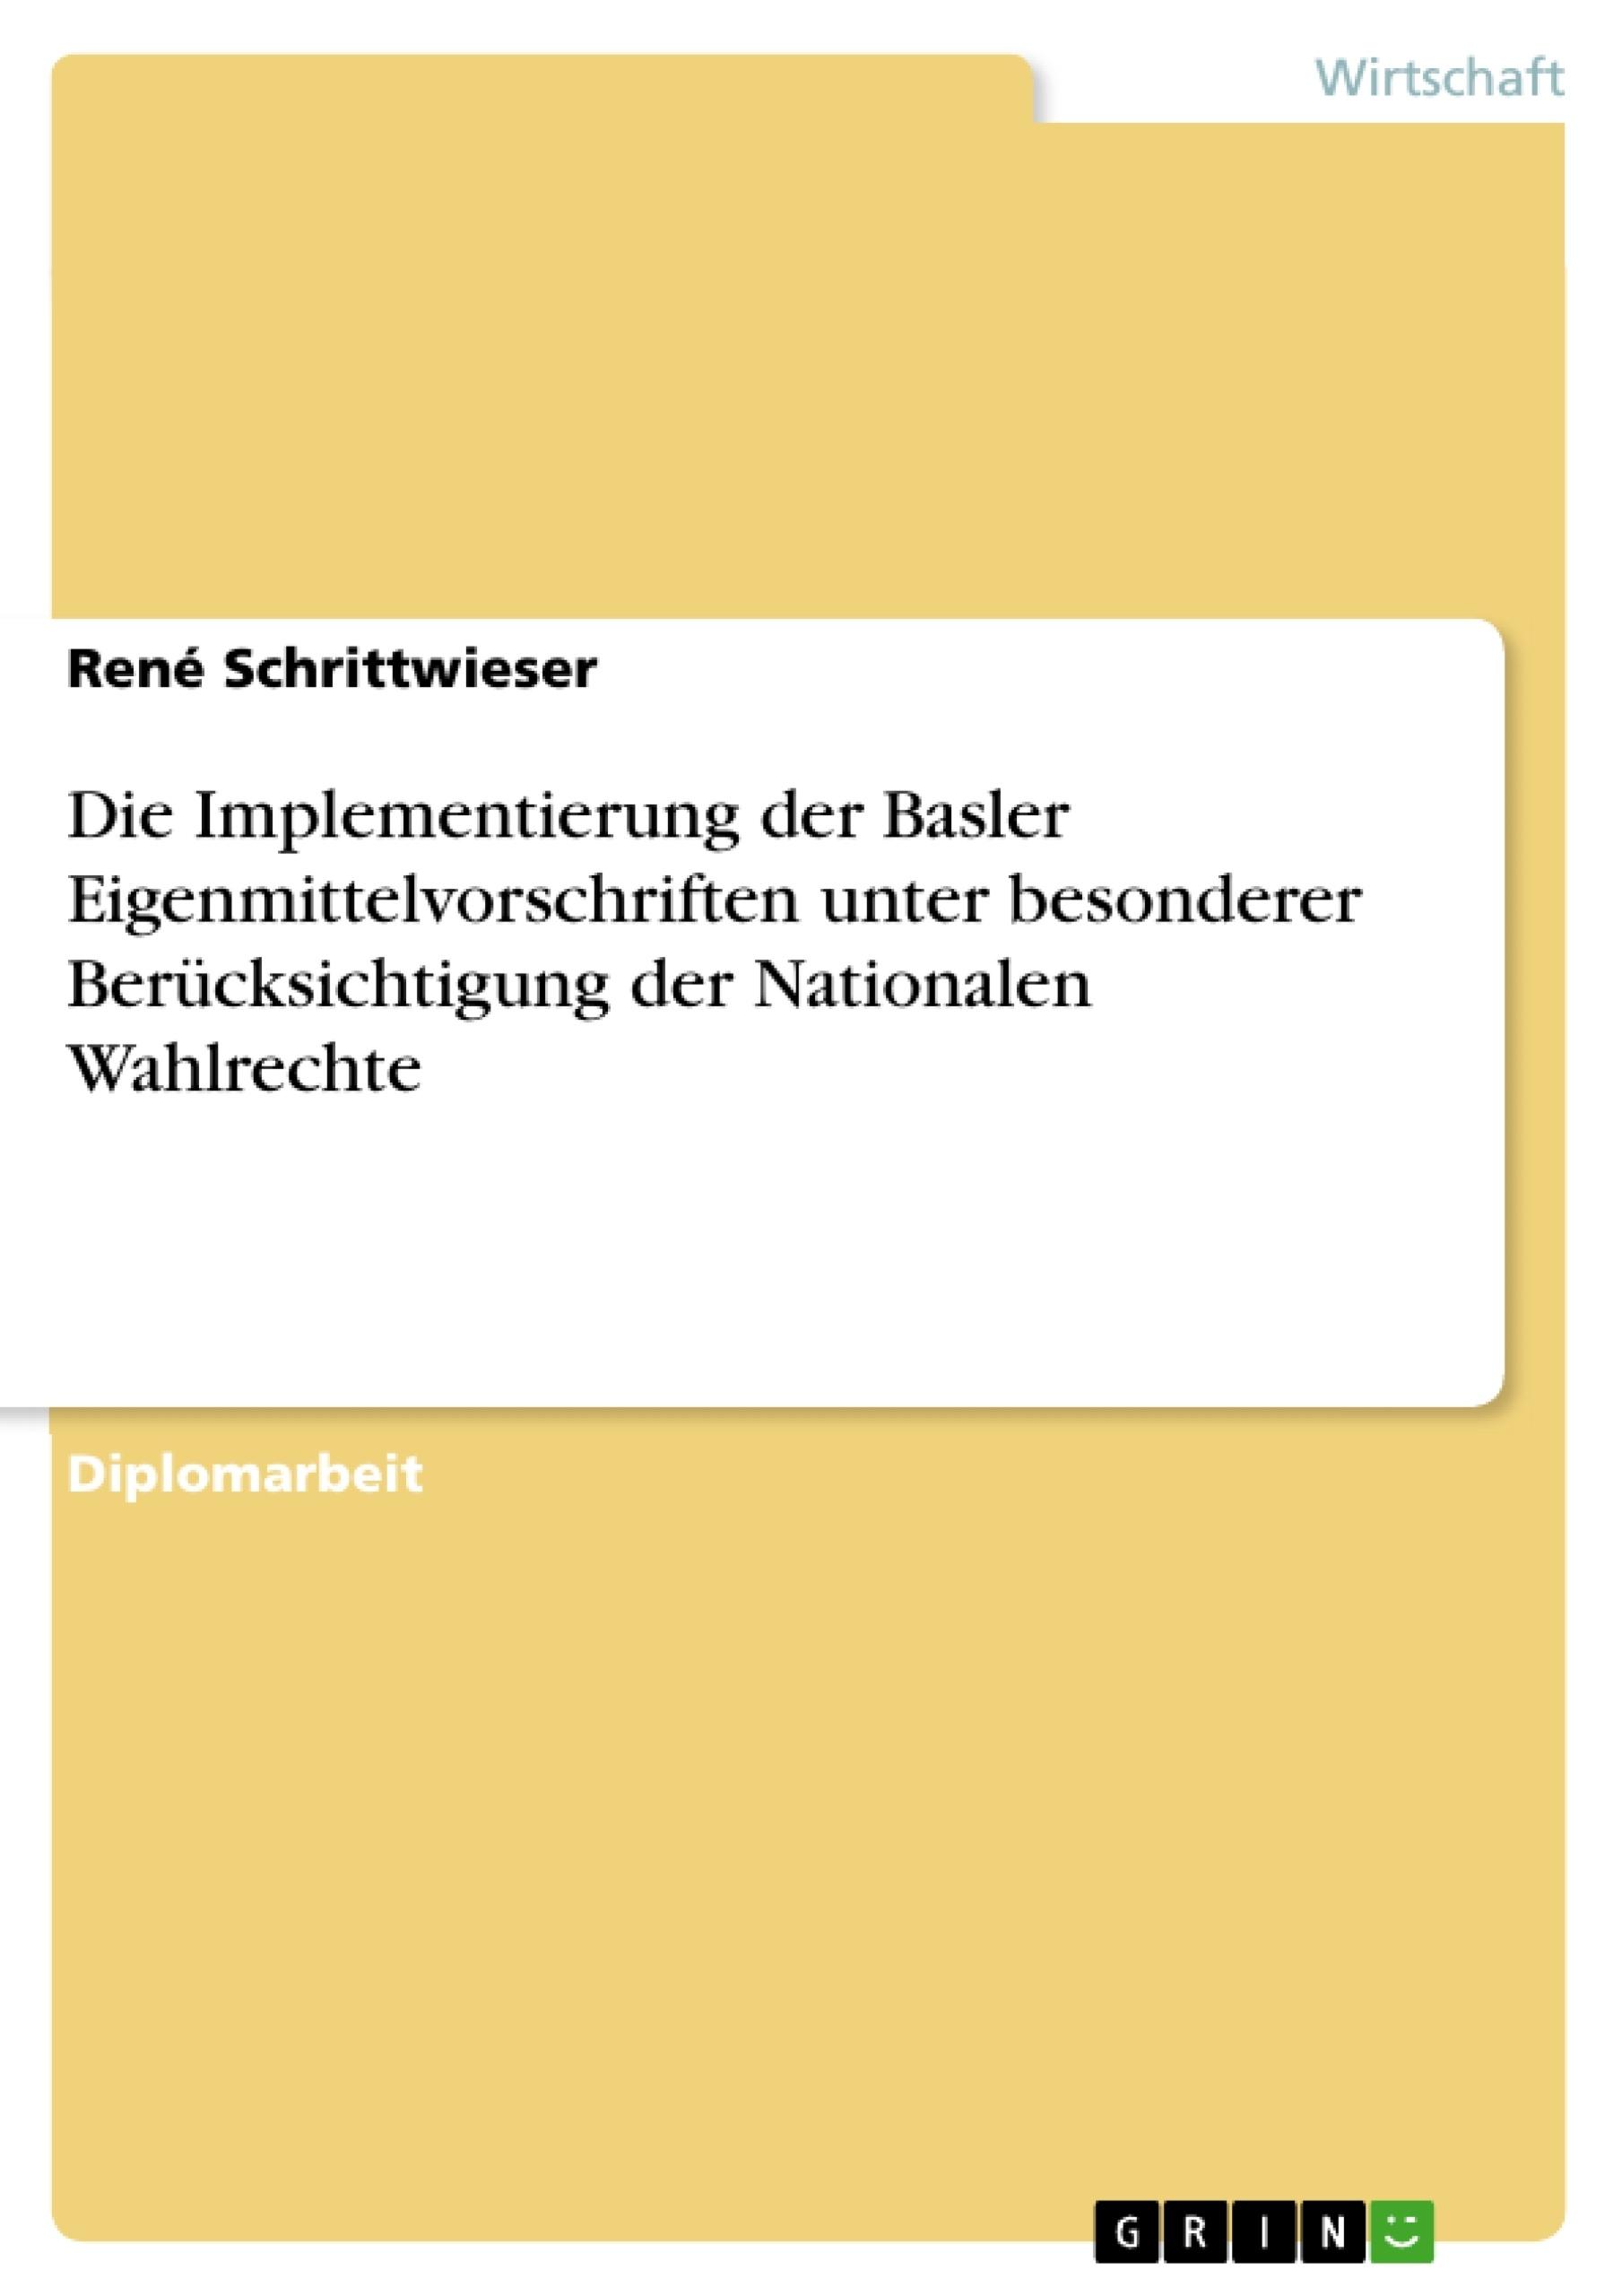 Titel: Die Implementierung der Basler Eigenmittelvorschriften unter besonderer Berücksichtigung der Nationalen Wahlrechte